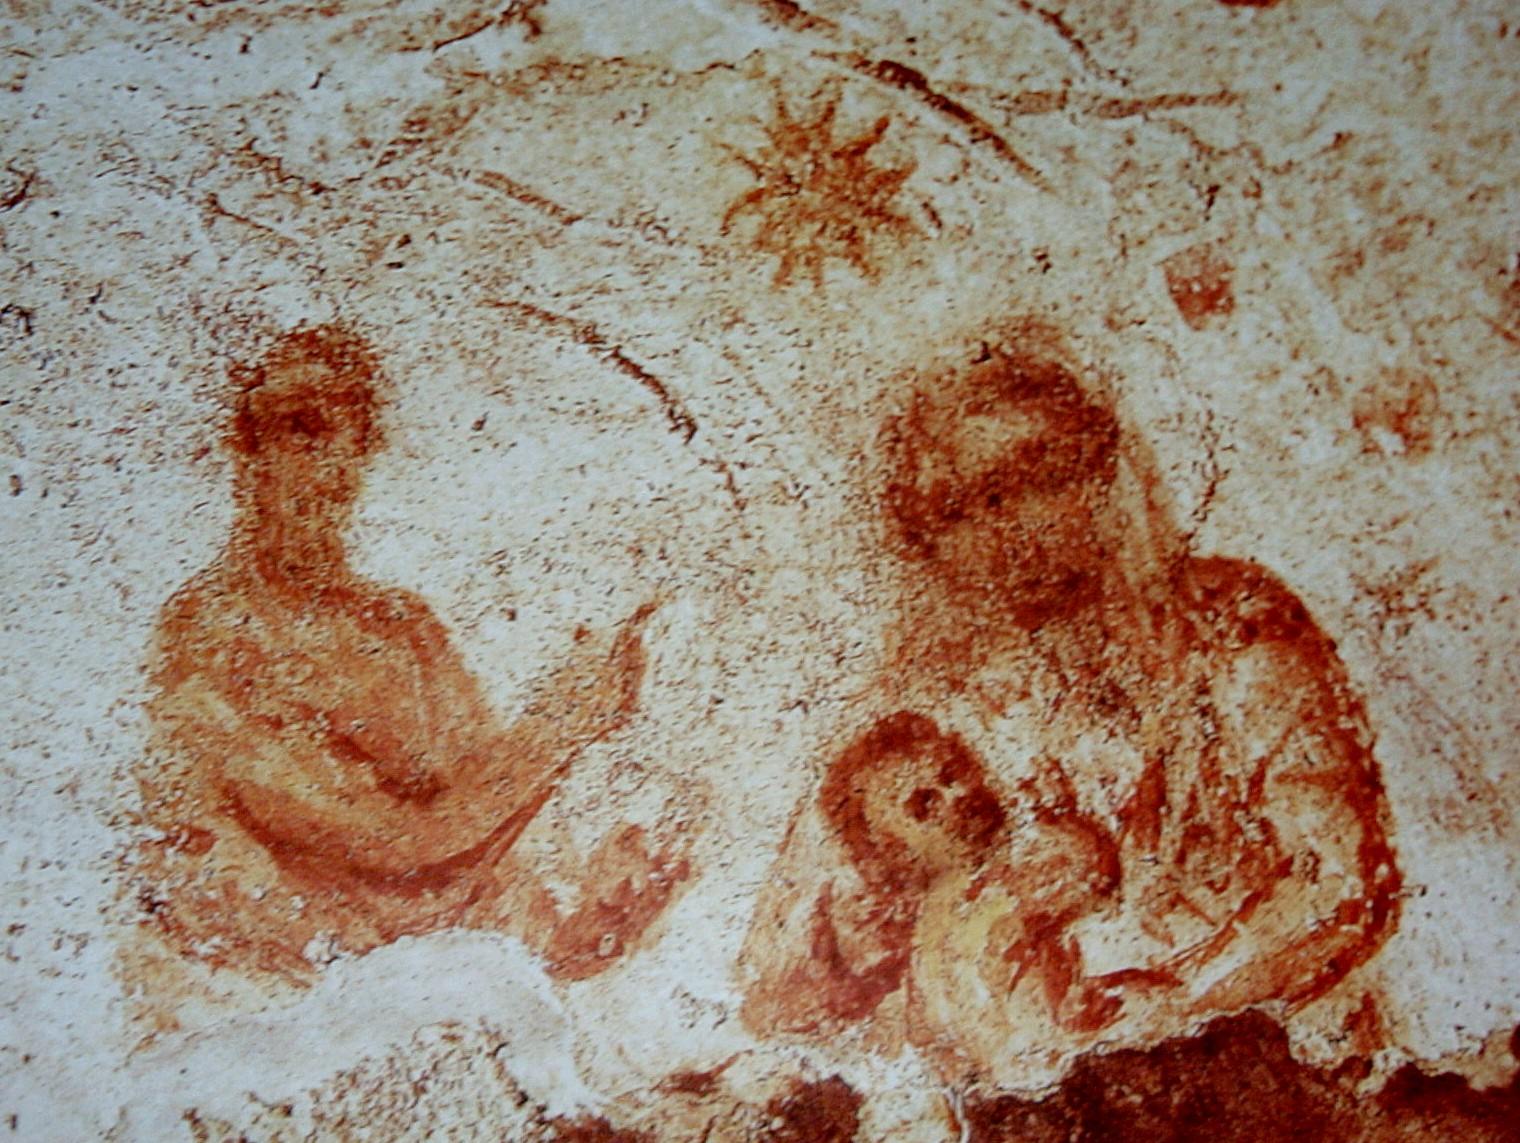 Raffigurazione della Natività nella catacomba di Santa Priscilla (sito da visitare) dans immagini sacre image008